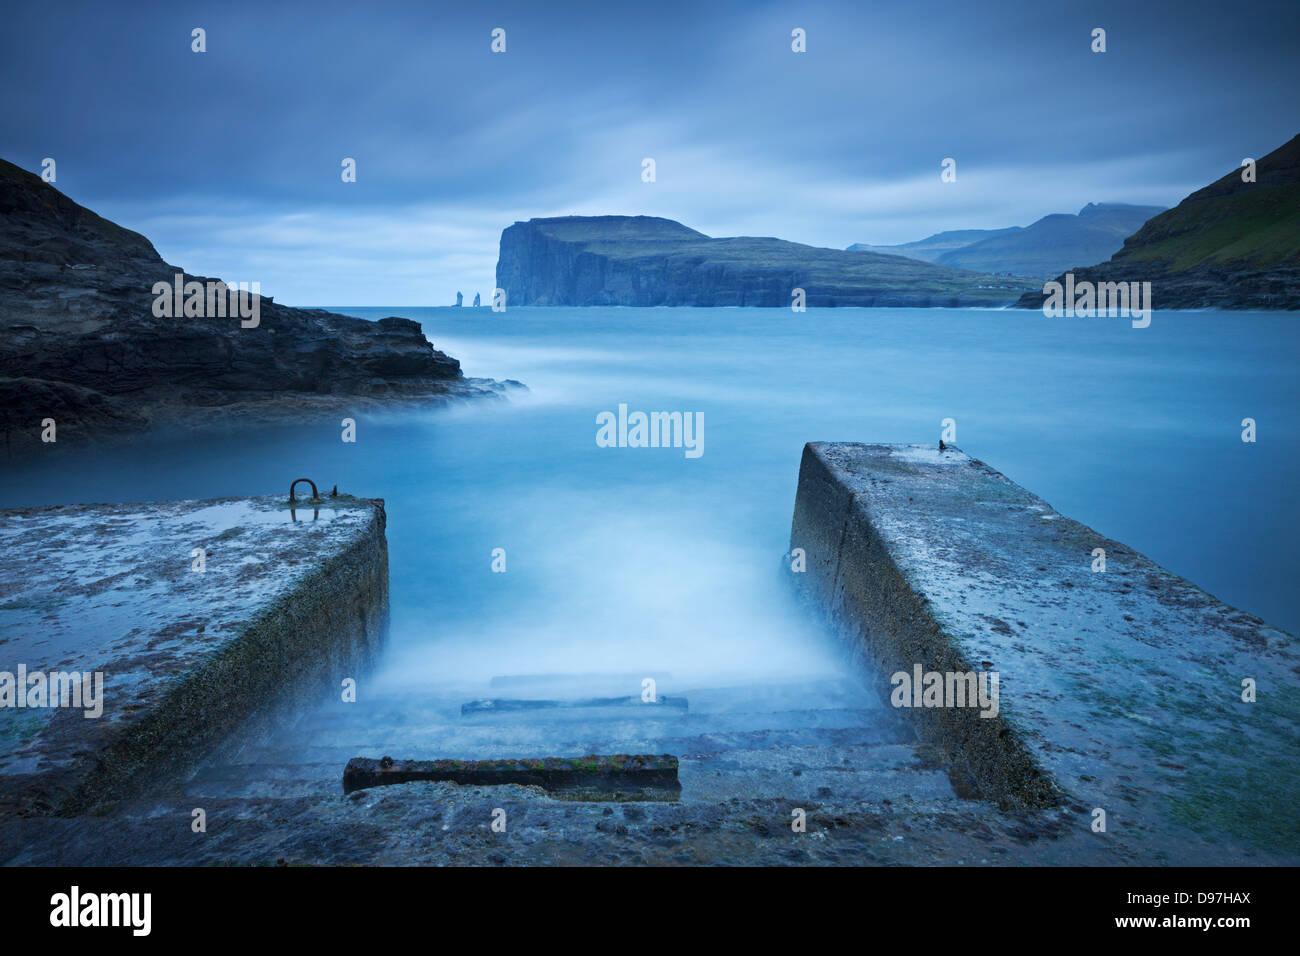 Vue vers Risin et Kellingin Tjornuvik de, à l'île de Streymoy, Îles Féroé. Printemps Photo Stock